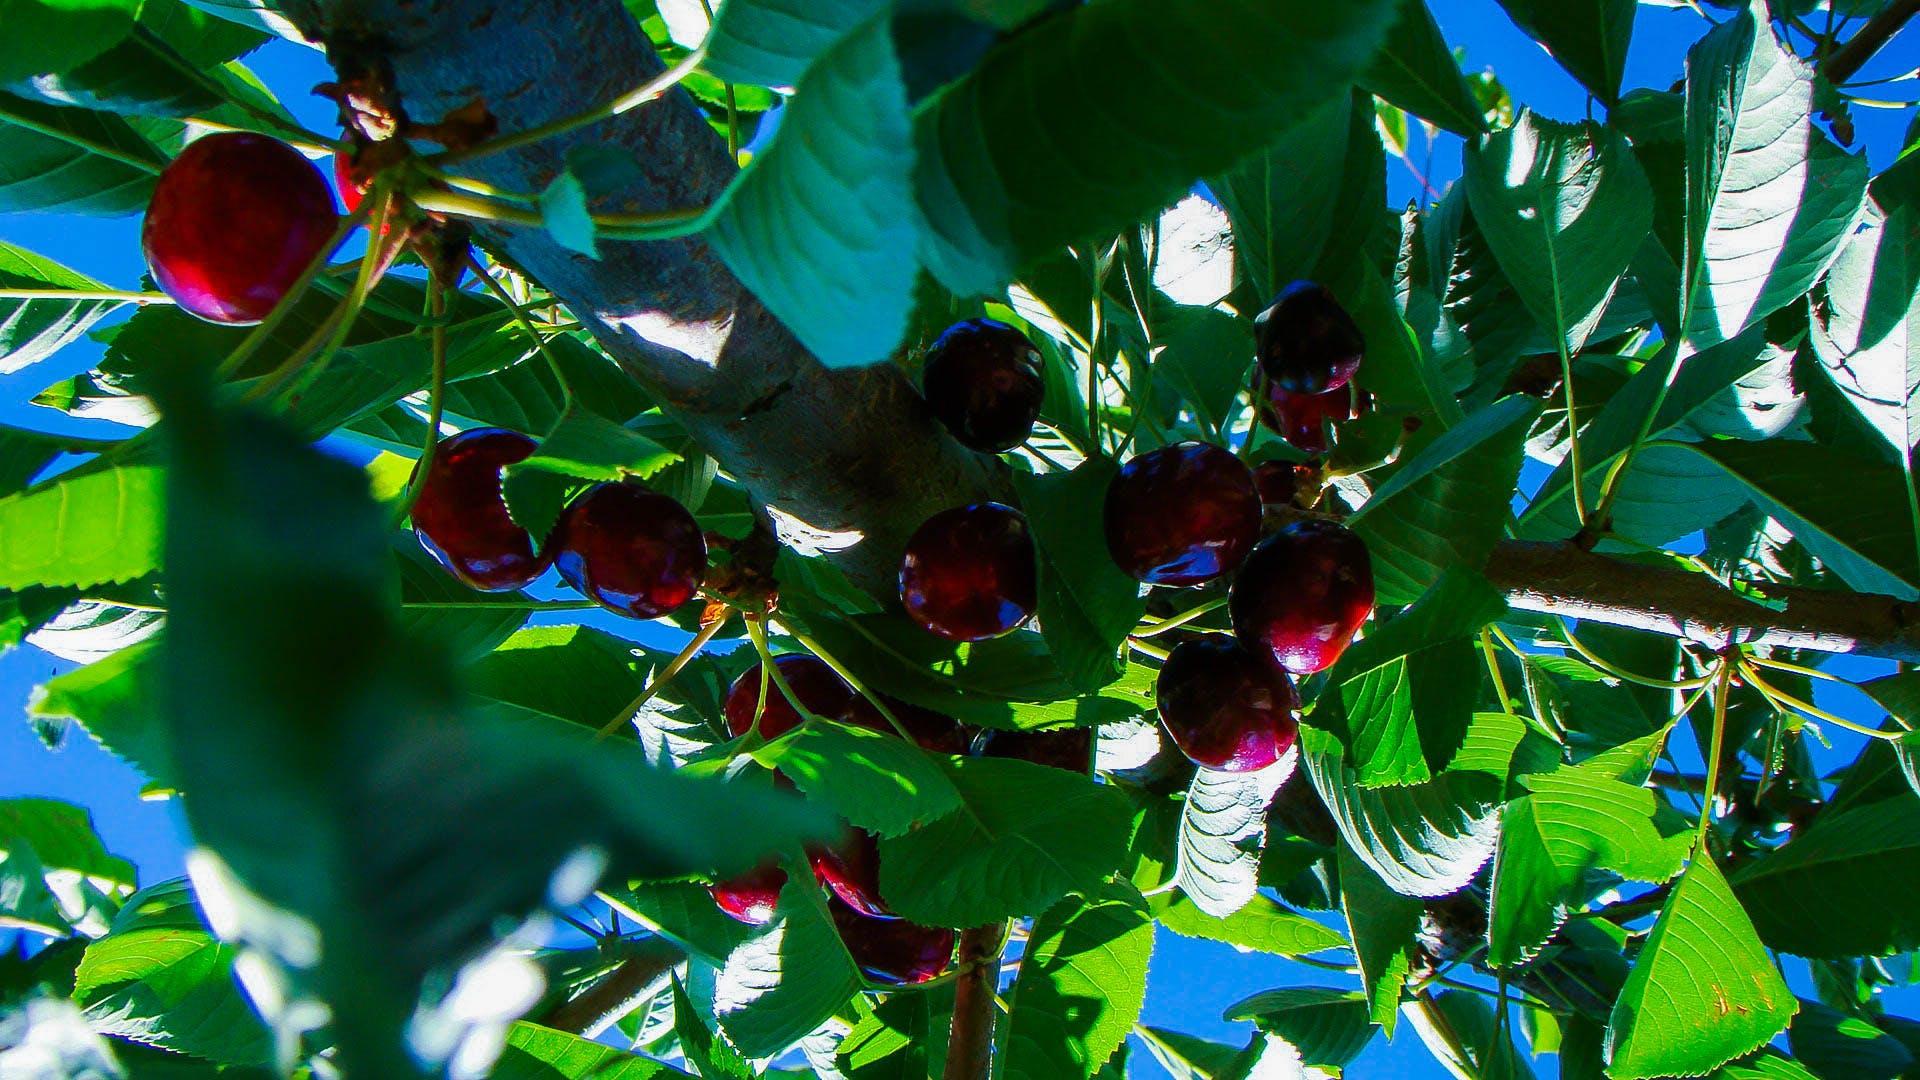 Fotos de stock gratuitas de cerezas